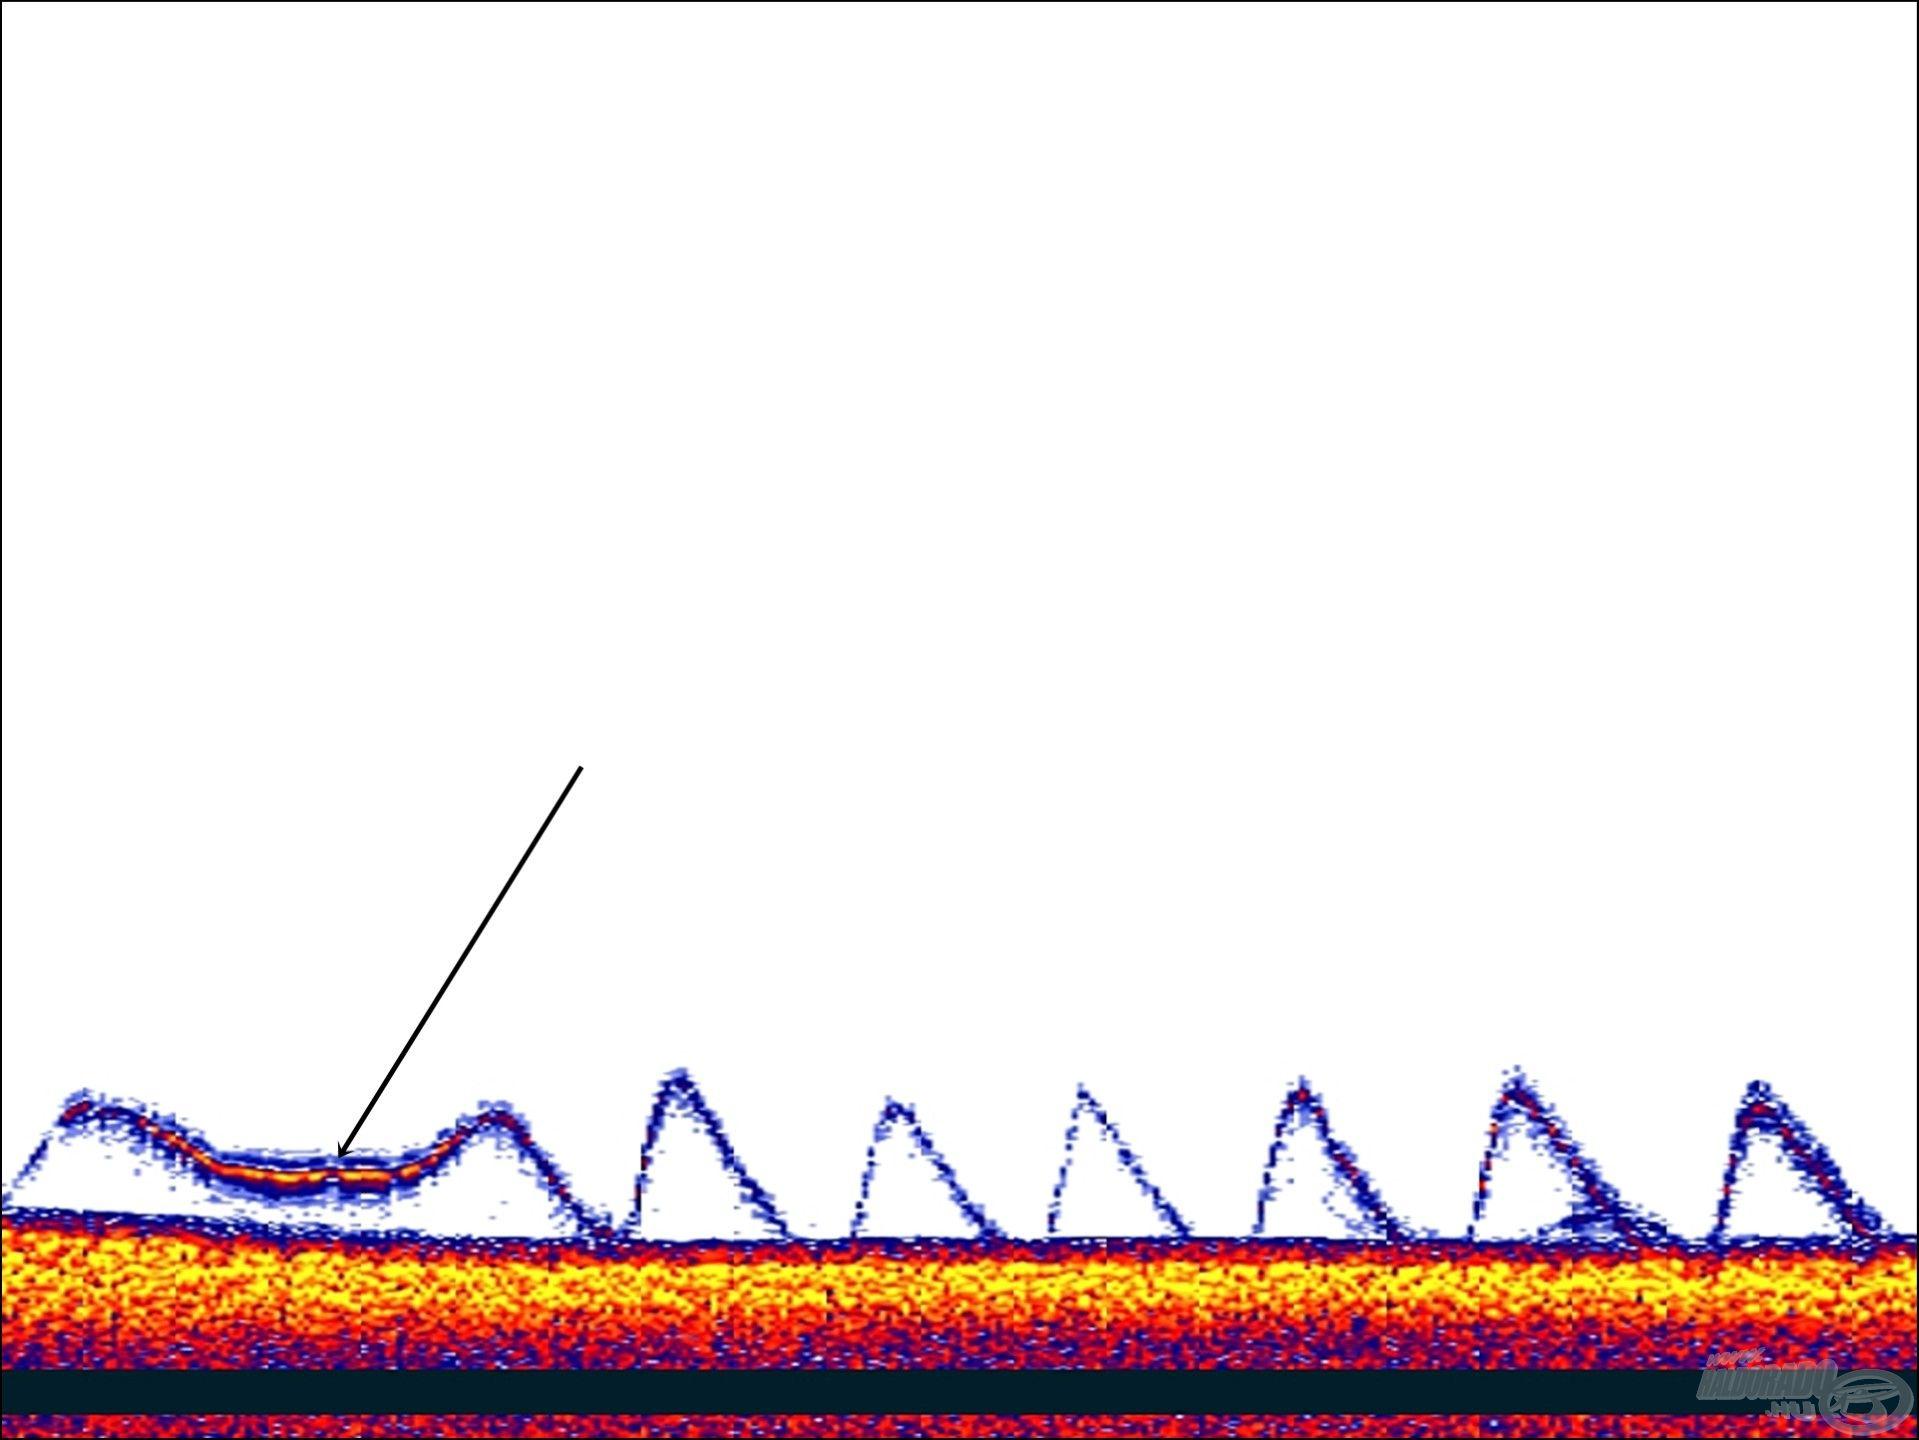 Jelen ábrán a nyíllal jelölt résznél megtartottam a wobblert, így erősebb jelet kaptam vissza, amit más színnel is hozott a Deeper